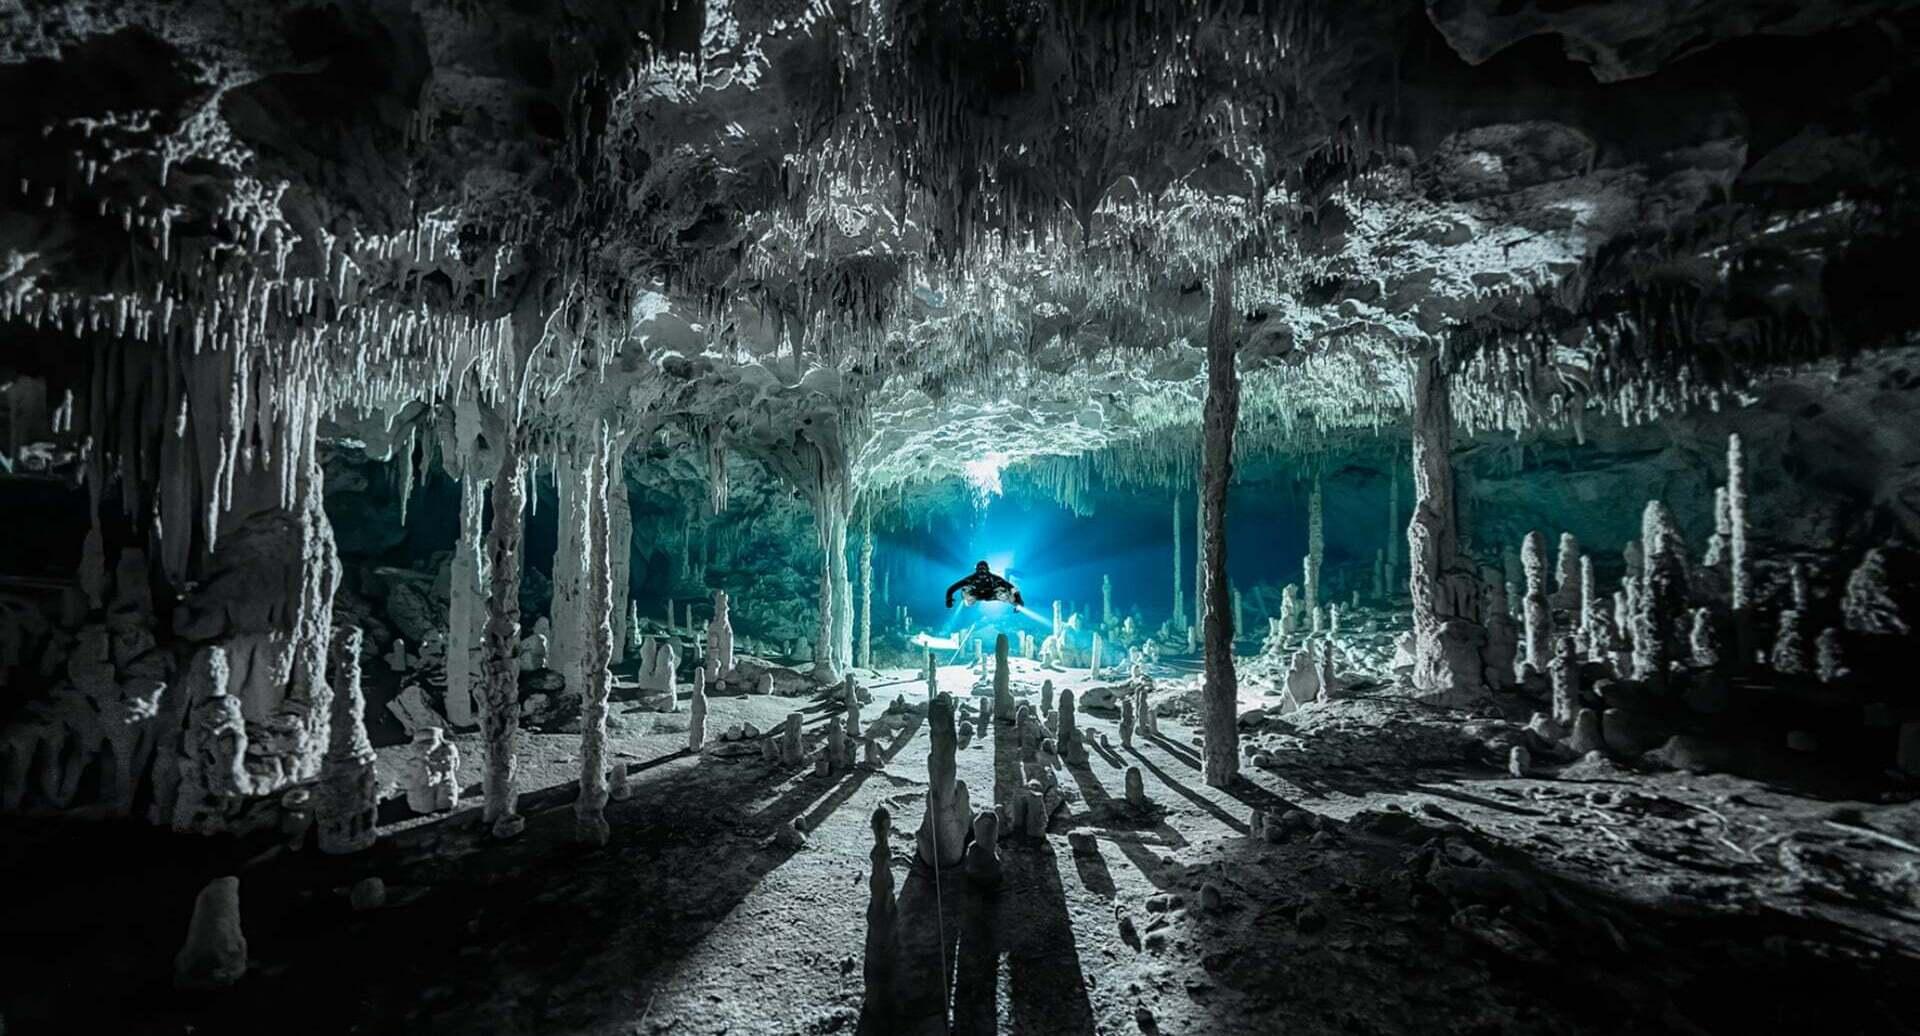 פוטו תחרות צילומים באוקיאנוס 2021 צוללן